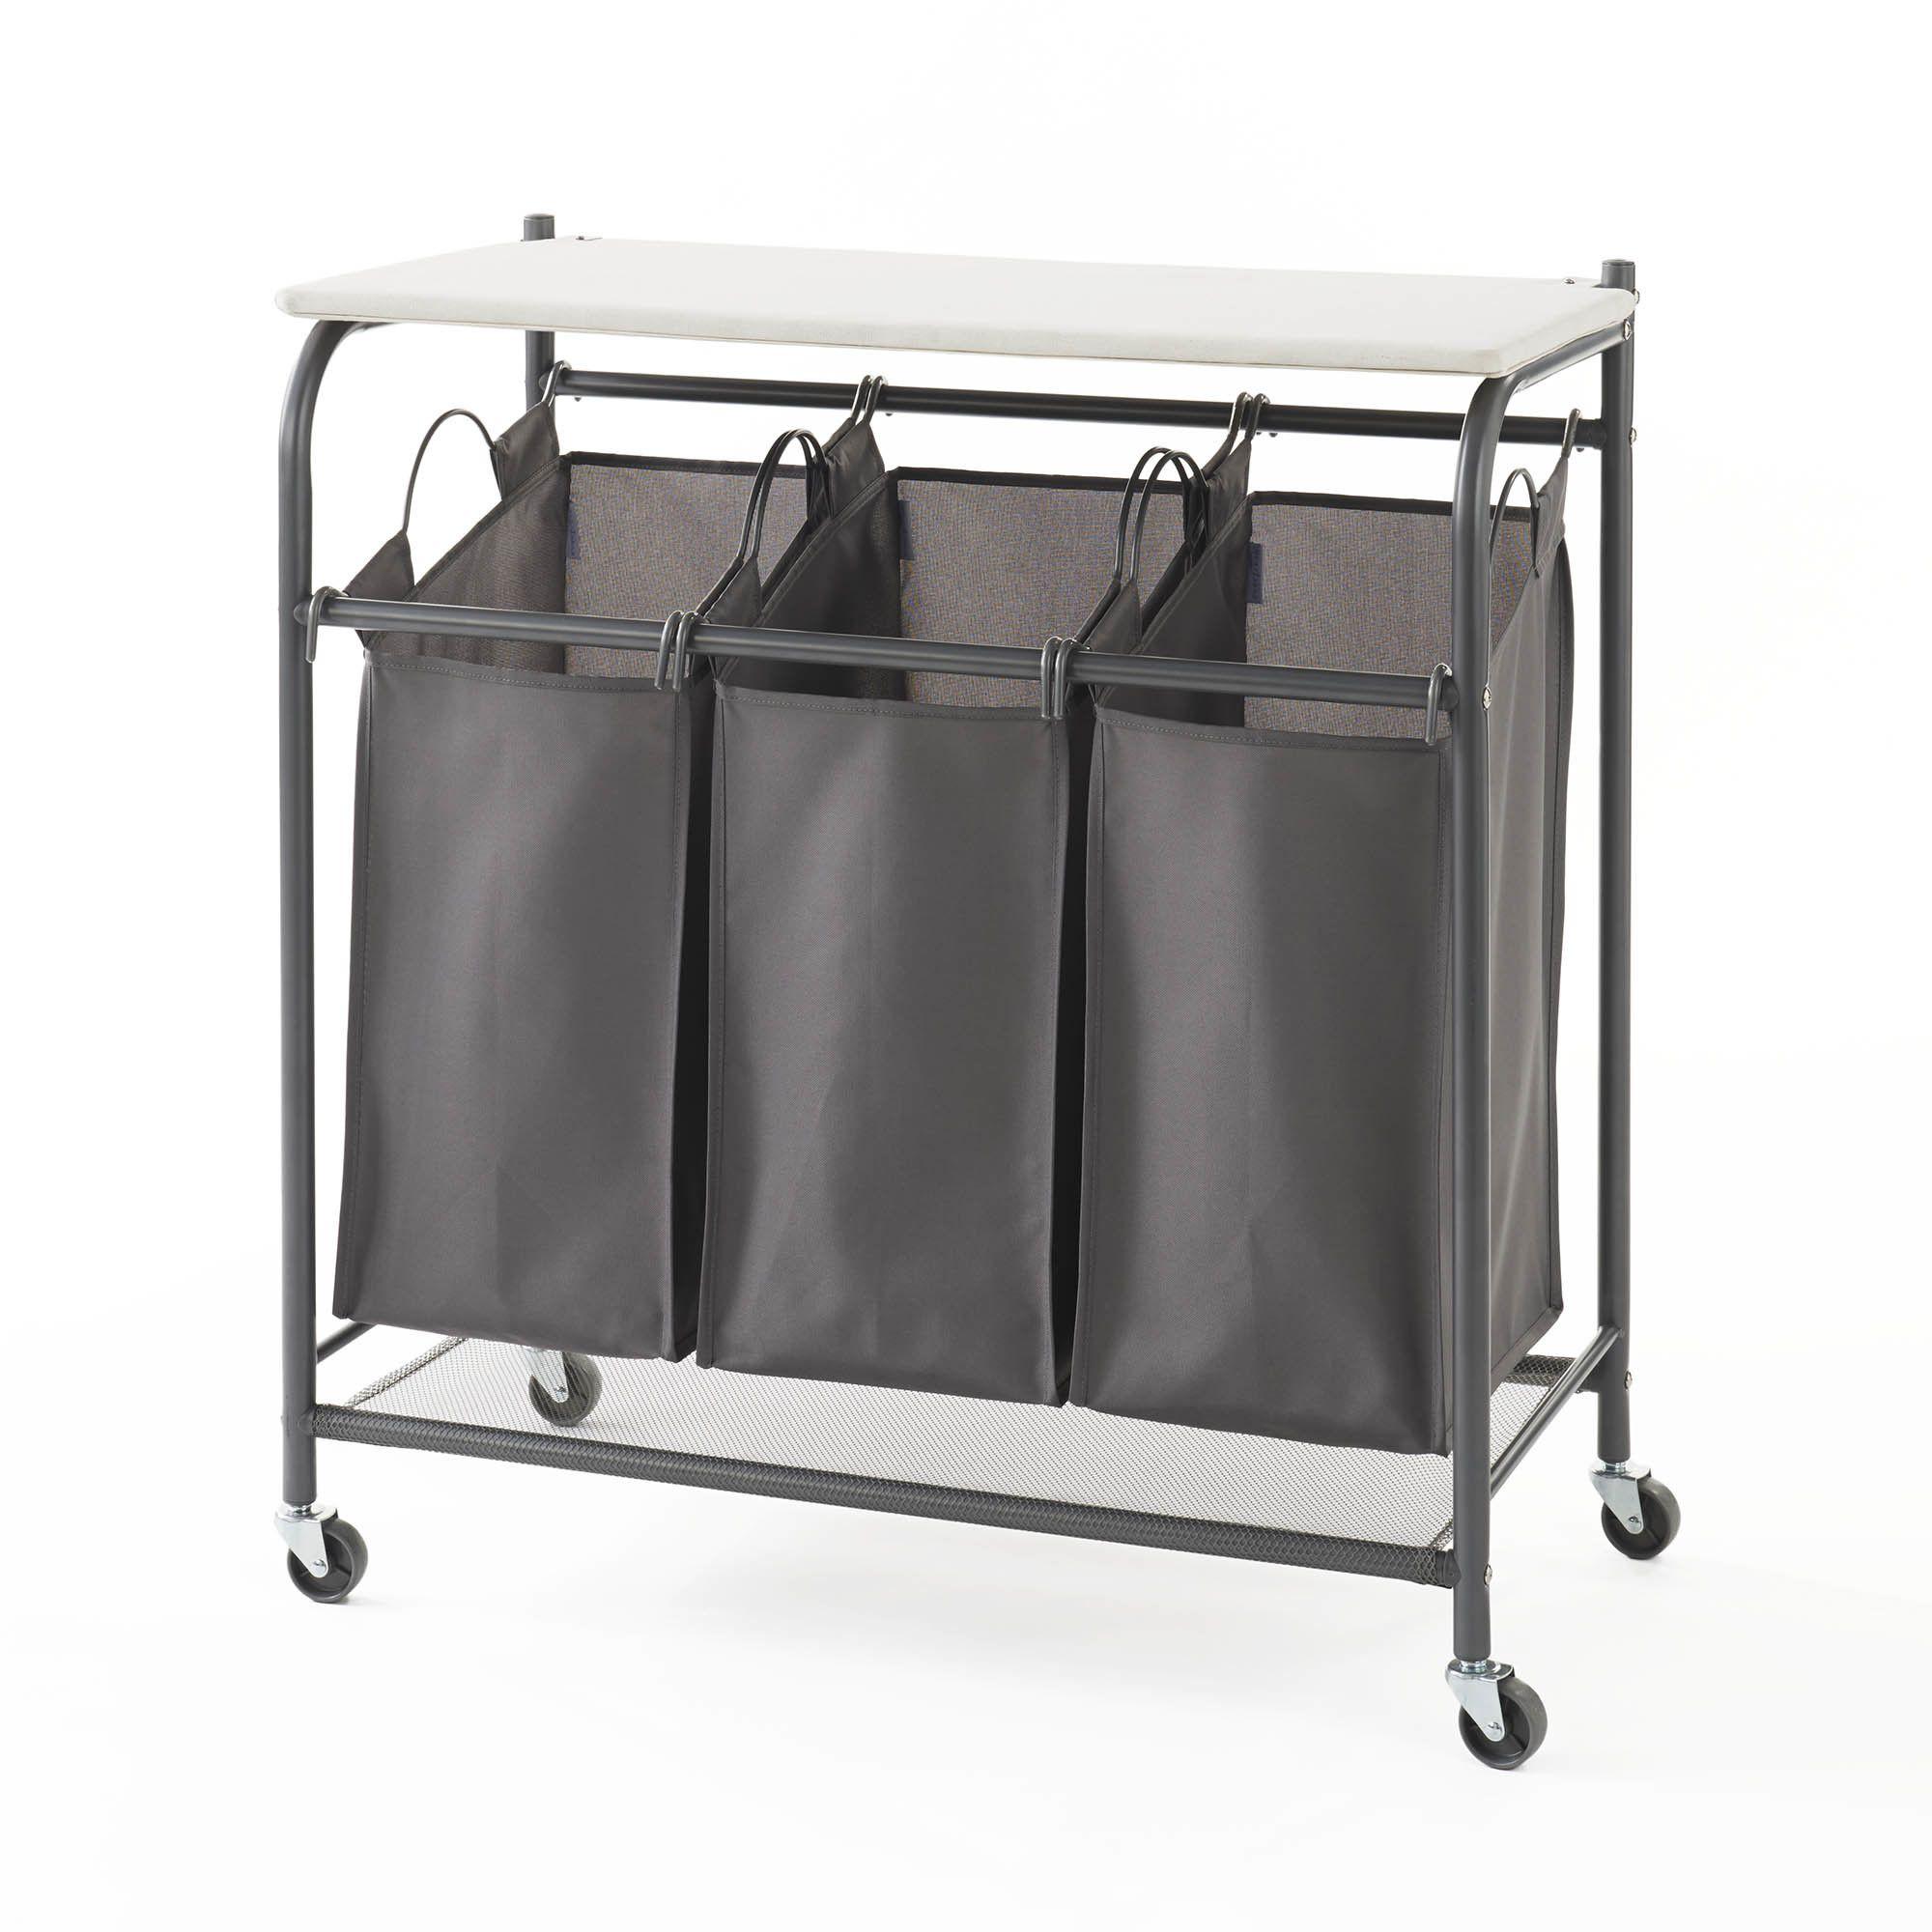 Triple Laundry Center Laundry Center Laundry Sorter Iron Board